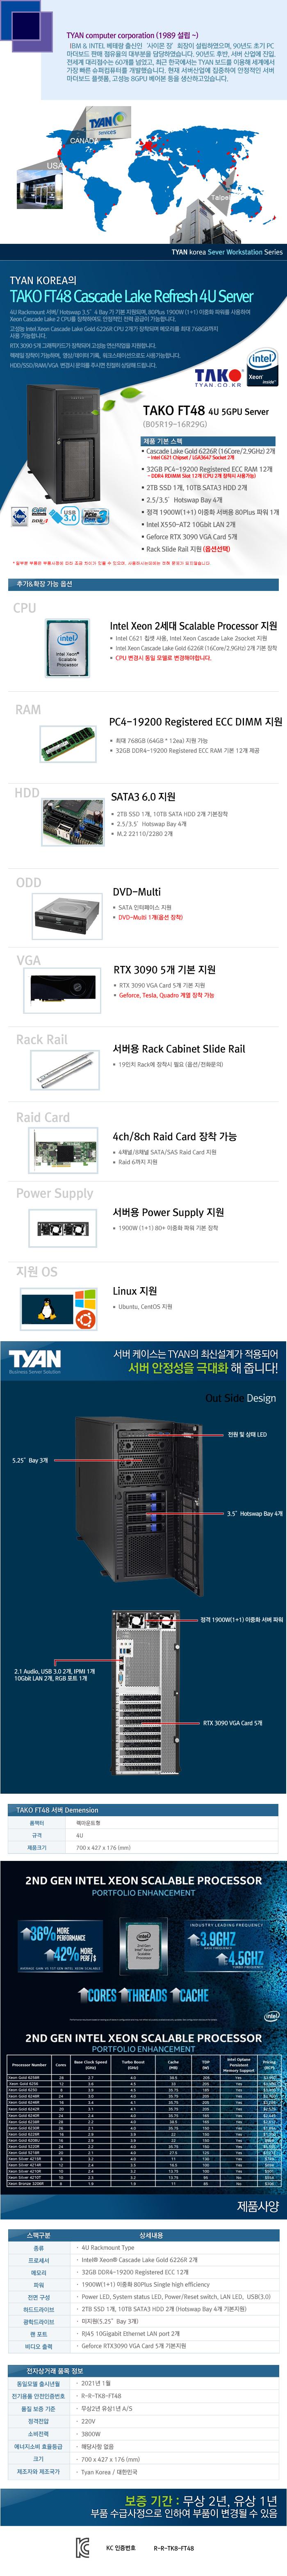 TYAN TAKO-FT48-(B05R19-16R29G)-RTX3090 5GPU (384GB, SSD 2TB + 20TB)